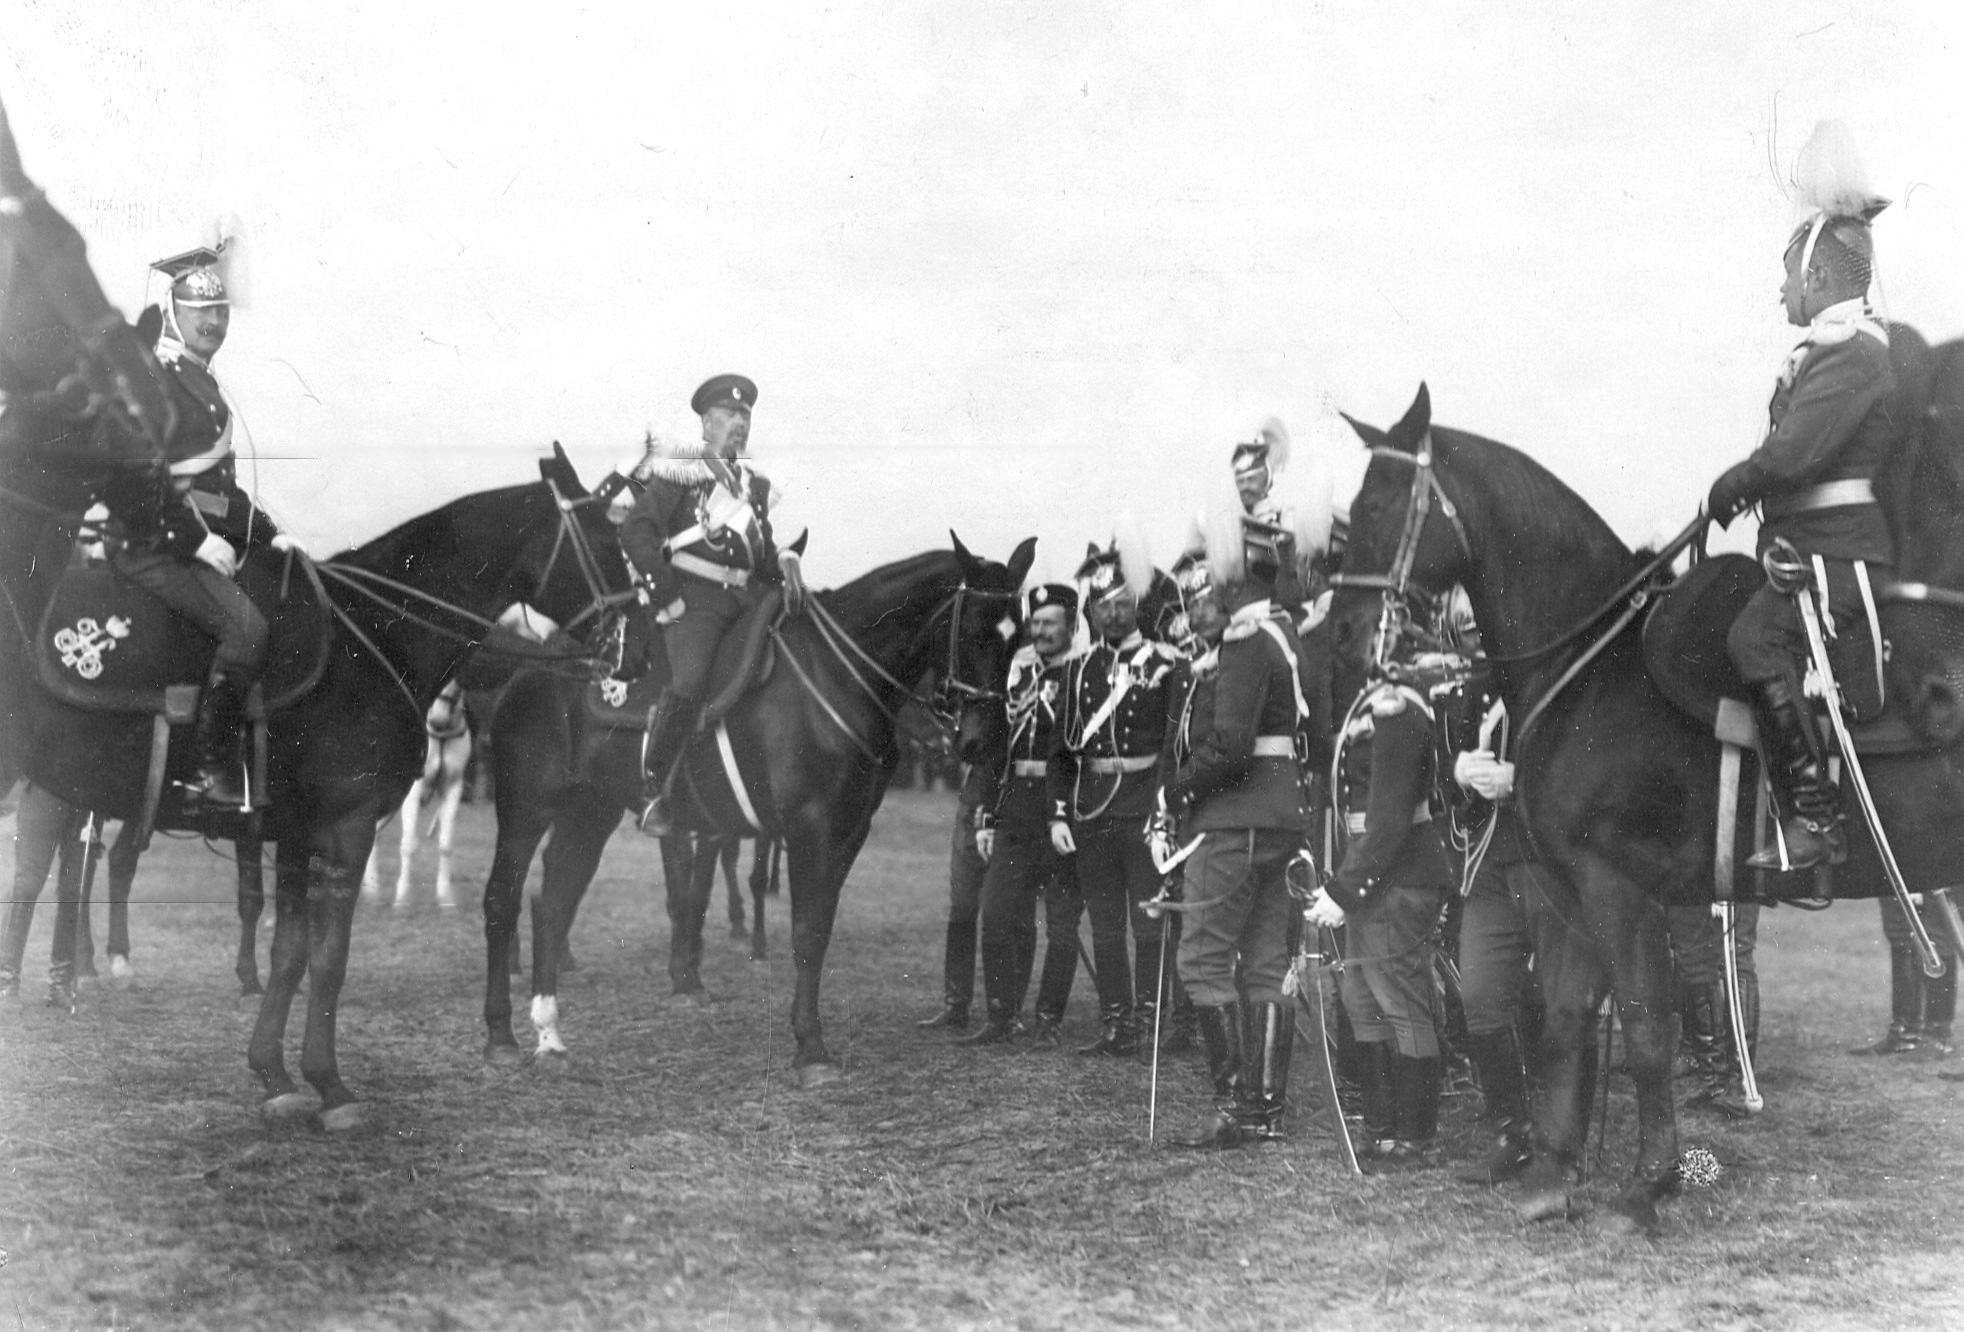 Группа офицеров во главе с командиром полка генерал-майором Л.Н.фон Баумгартенем  в день празднования 250-летнего юбилея полка